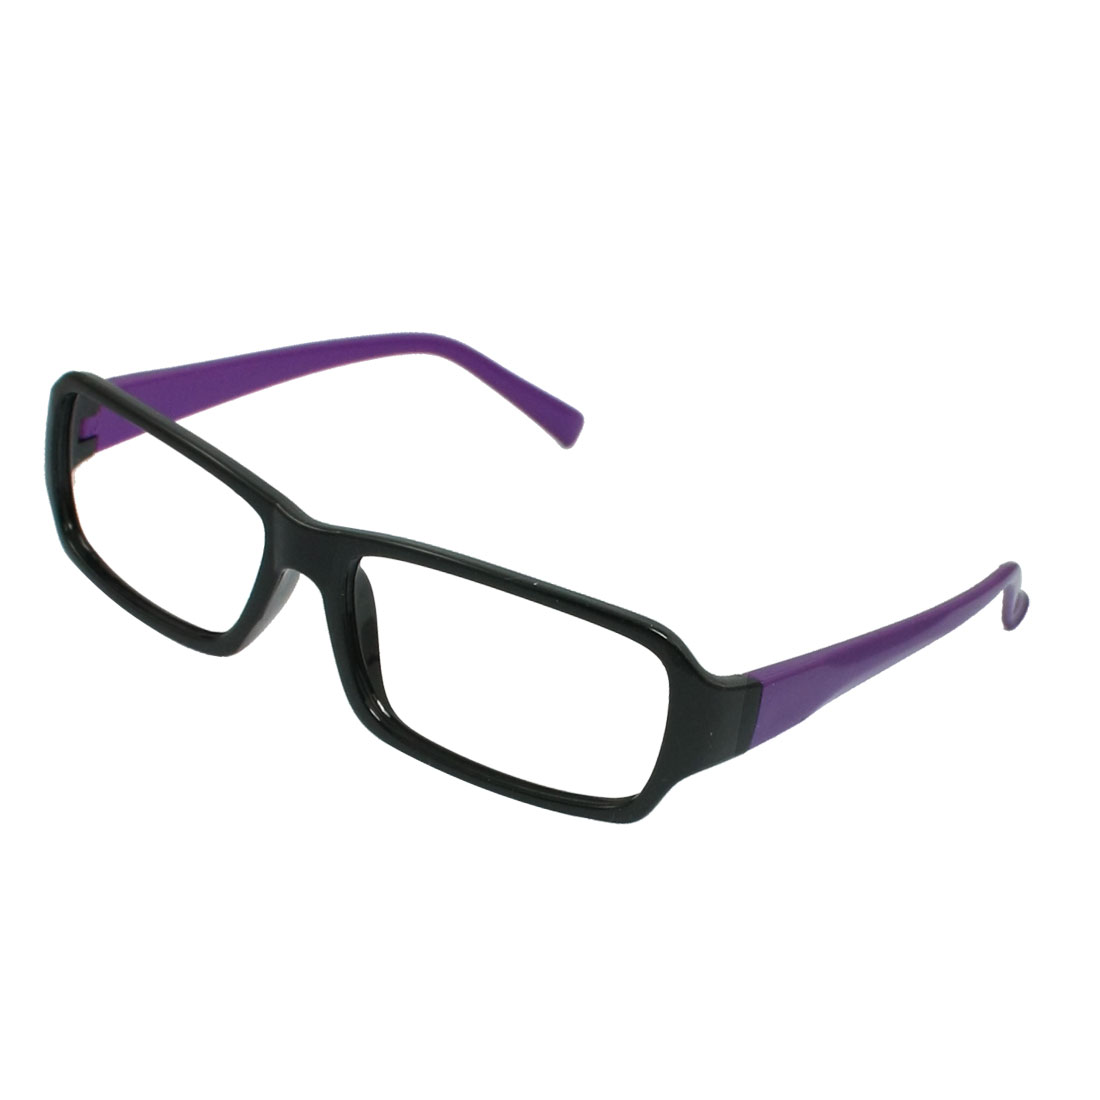 Black Purple Plastic Rectangle Full Rim Glasses Eyeglasses Frame for Women